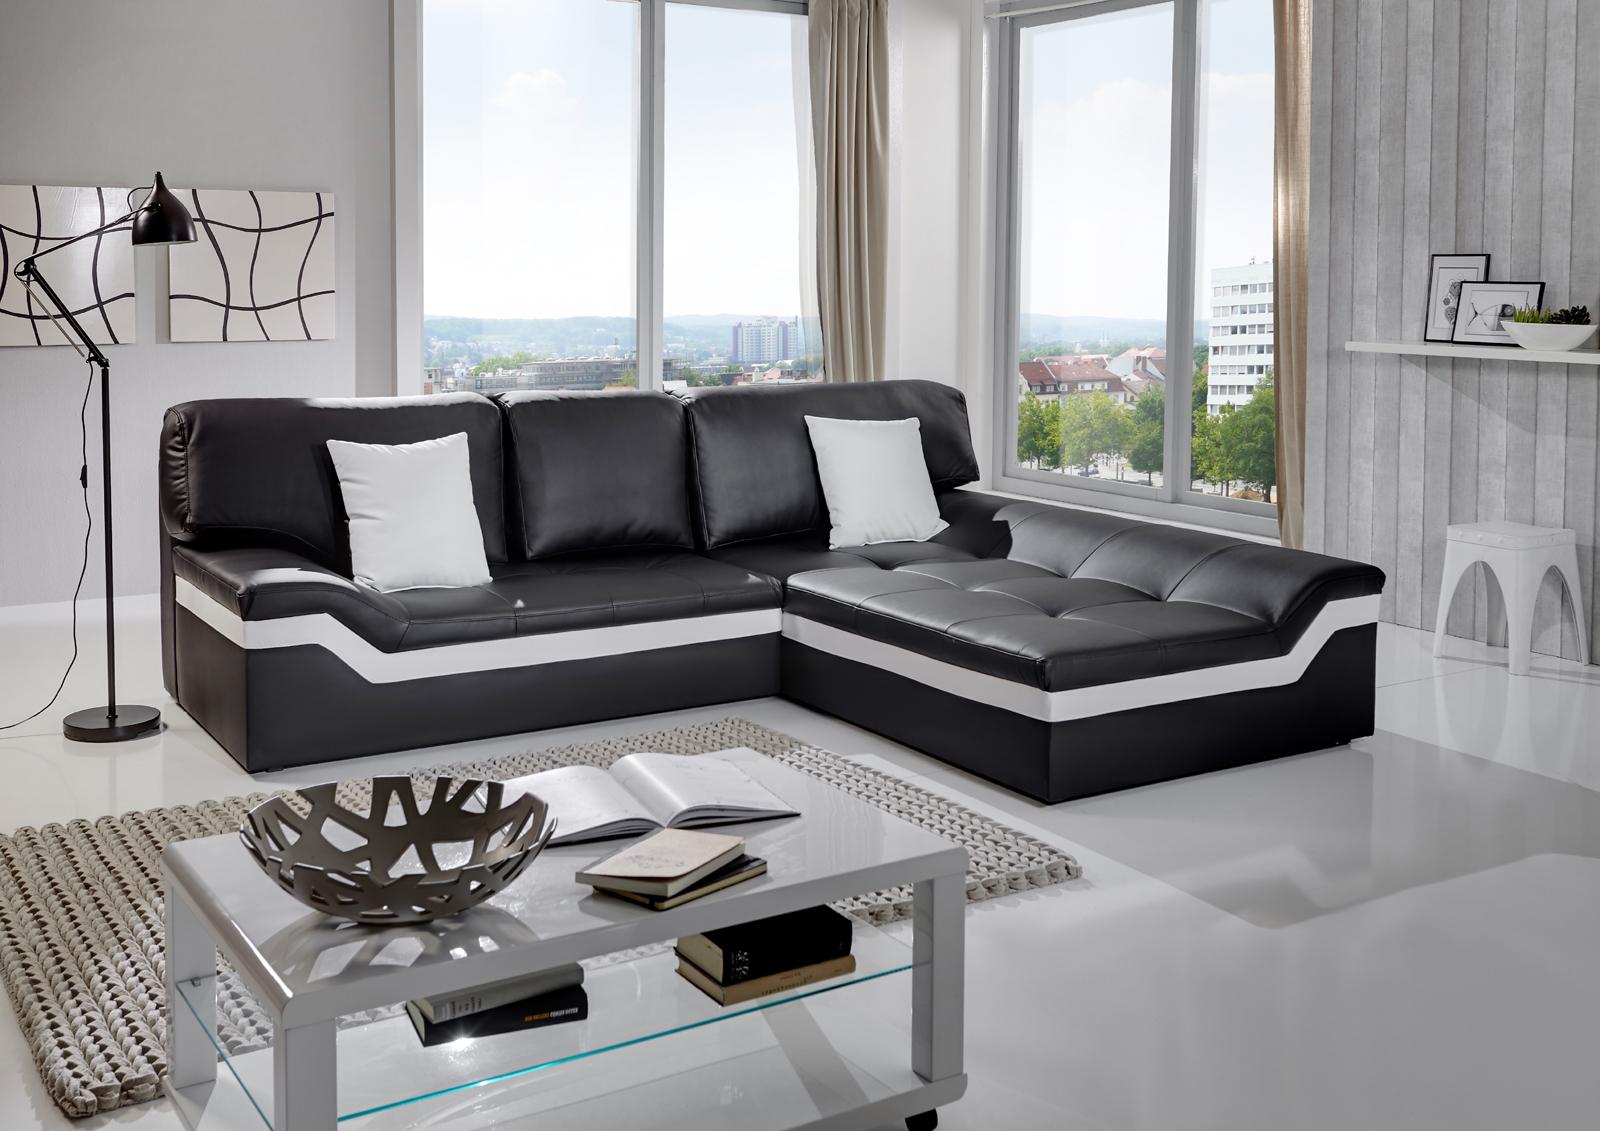 Blickfang Ecksofa Wohnlandschaft Referenz Von Sam® 270 X 220 Cm Schwarz/weiß Sofa